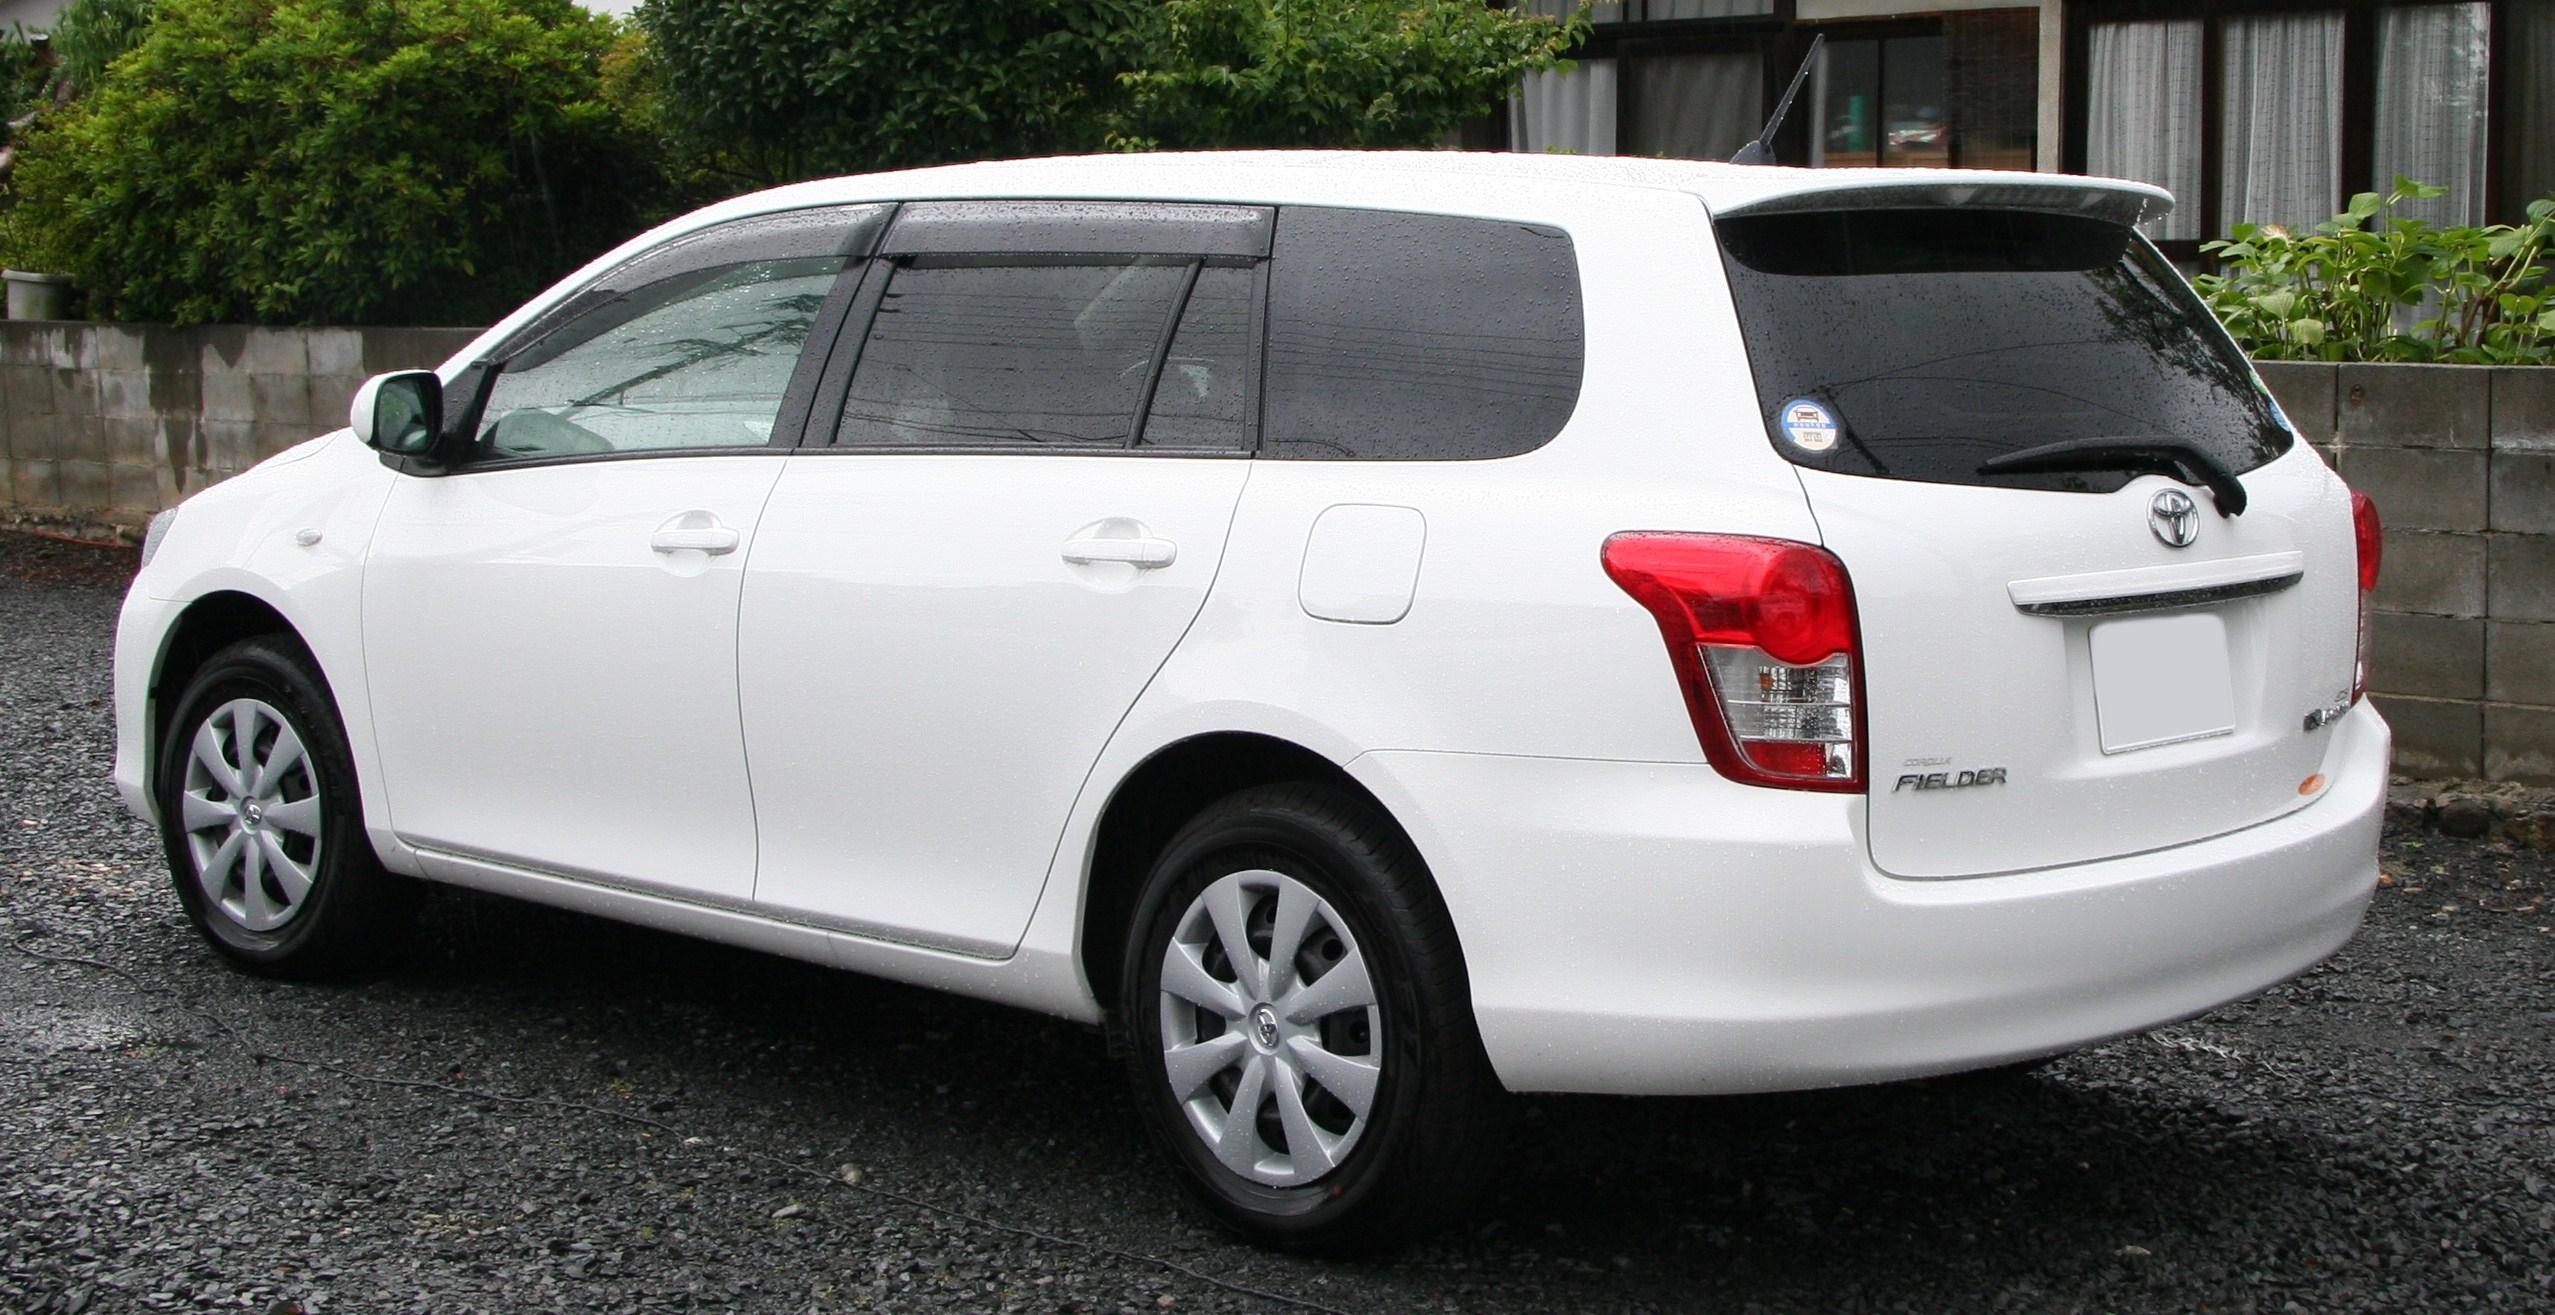 File:Toyota Corolla Fielder rear jpg - Wikimedia Commons